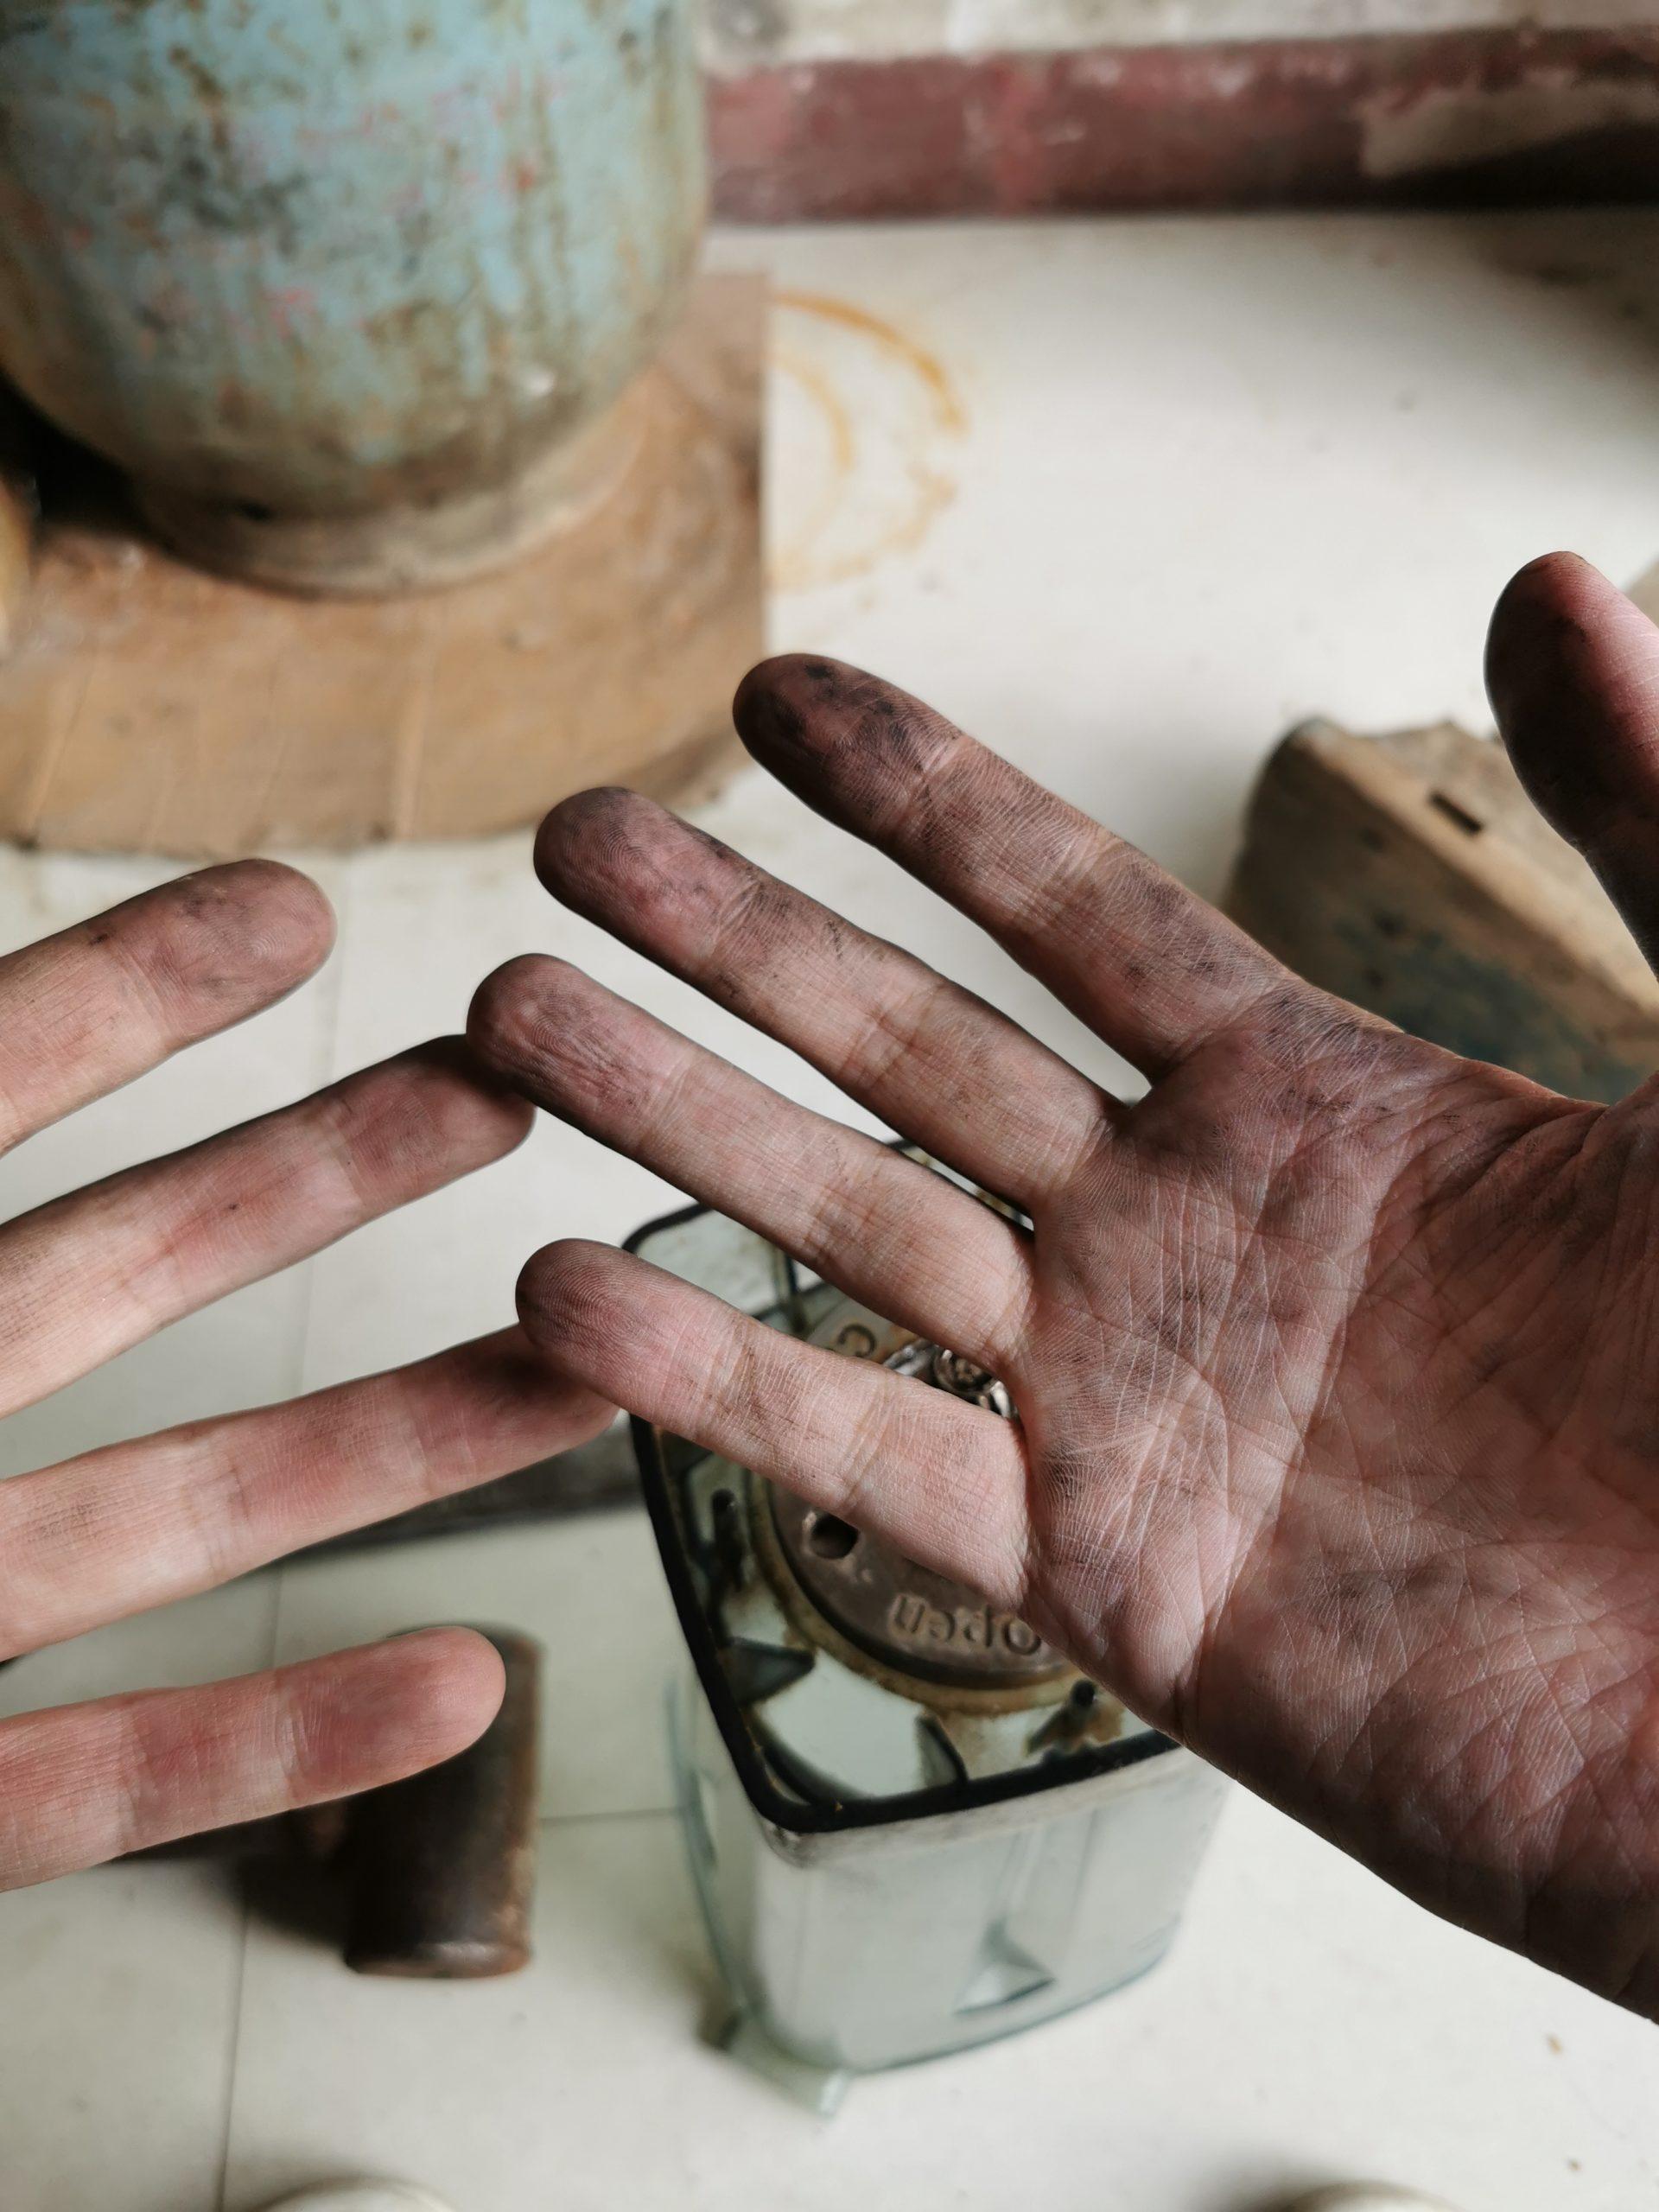 一张高难度的自拍——全是灰的手